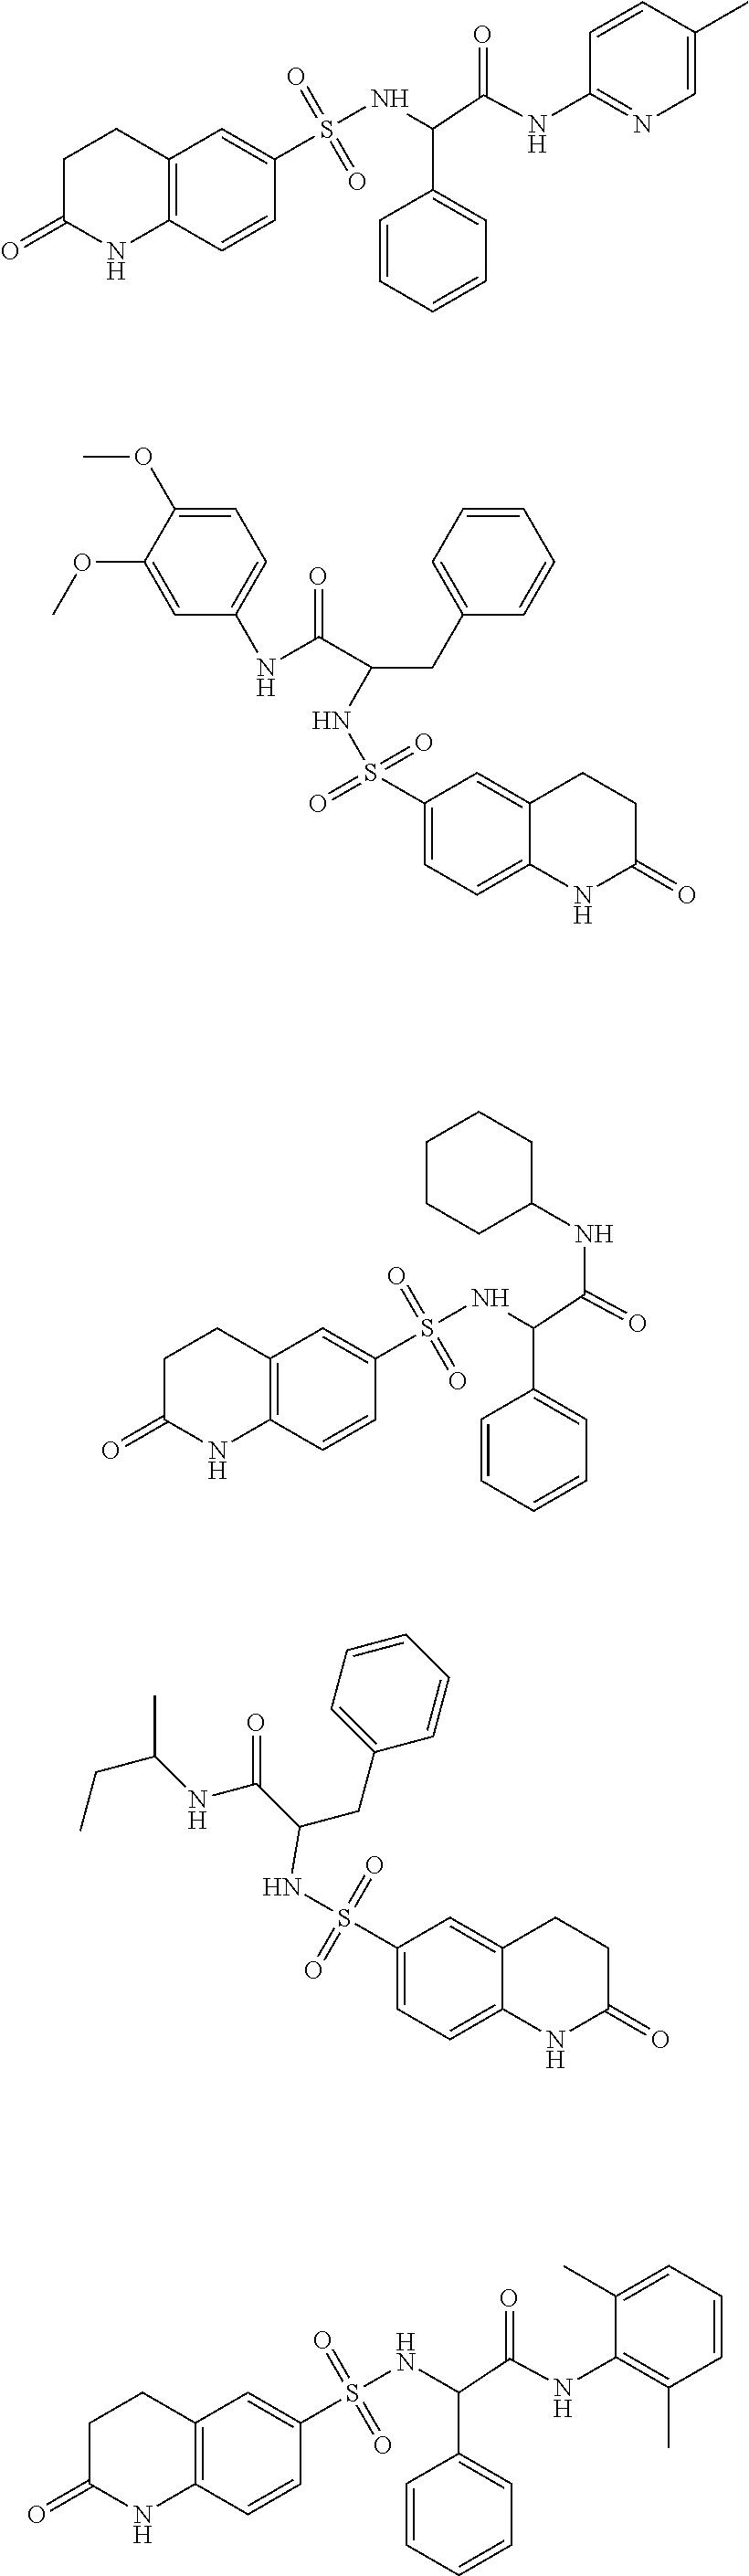 Figure US08957075-20150217-C00012